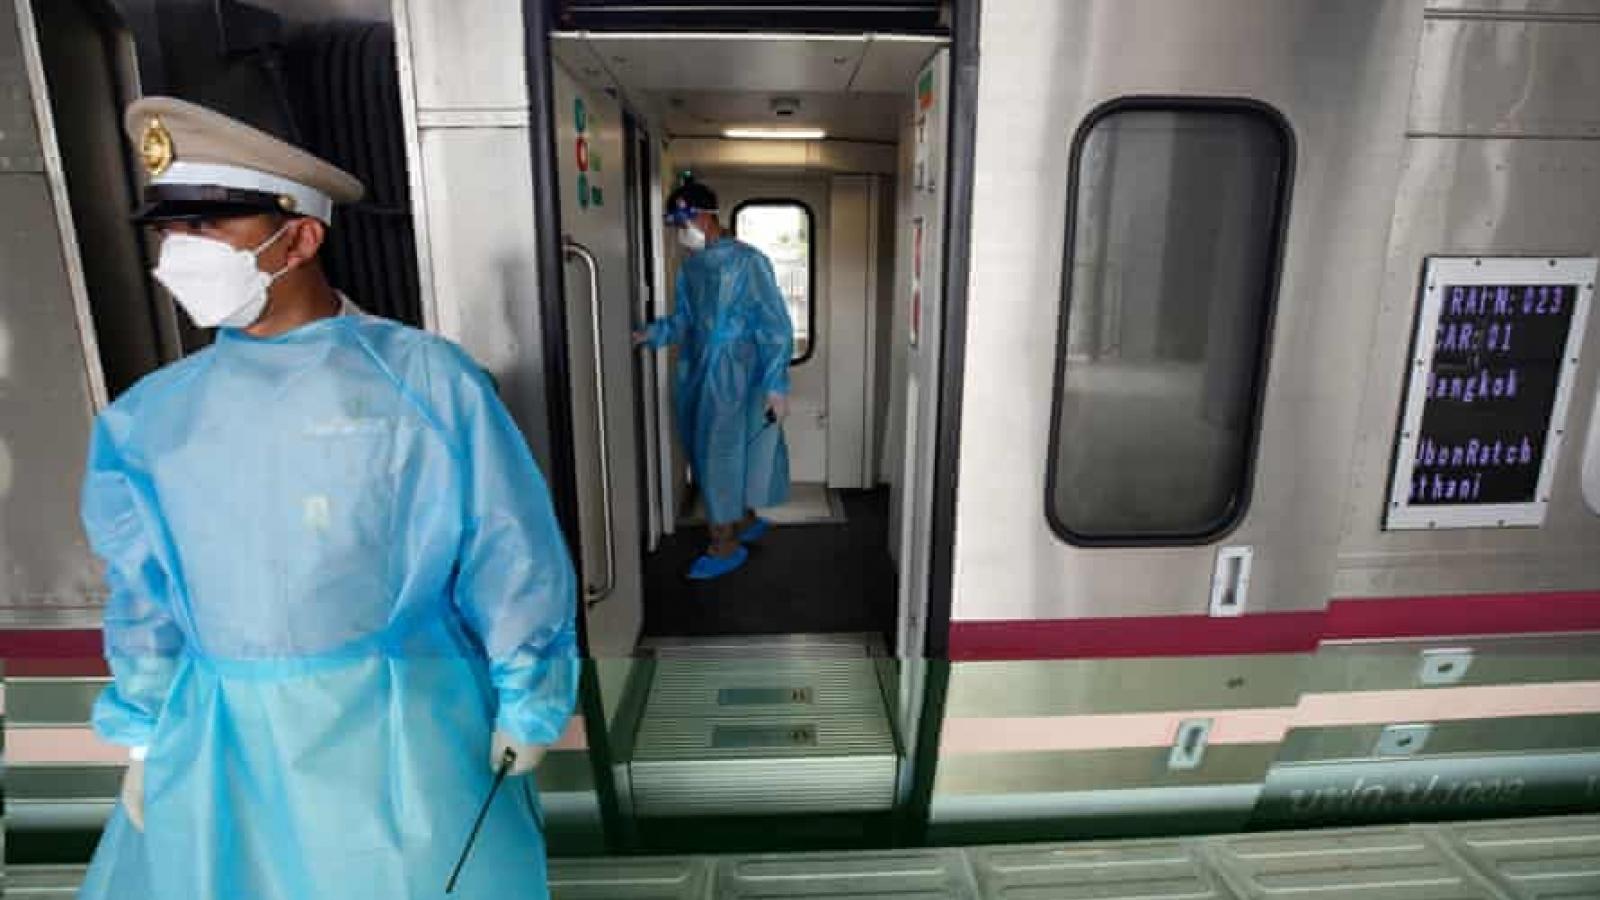 Hệ thống y tế quá tải, Thái Lan đưa bệnh nhân Covid-19 về quê bằng tàu hỏa